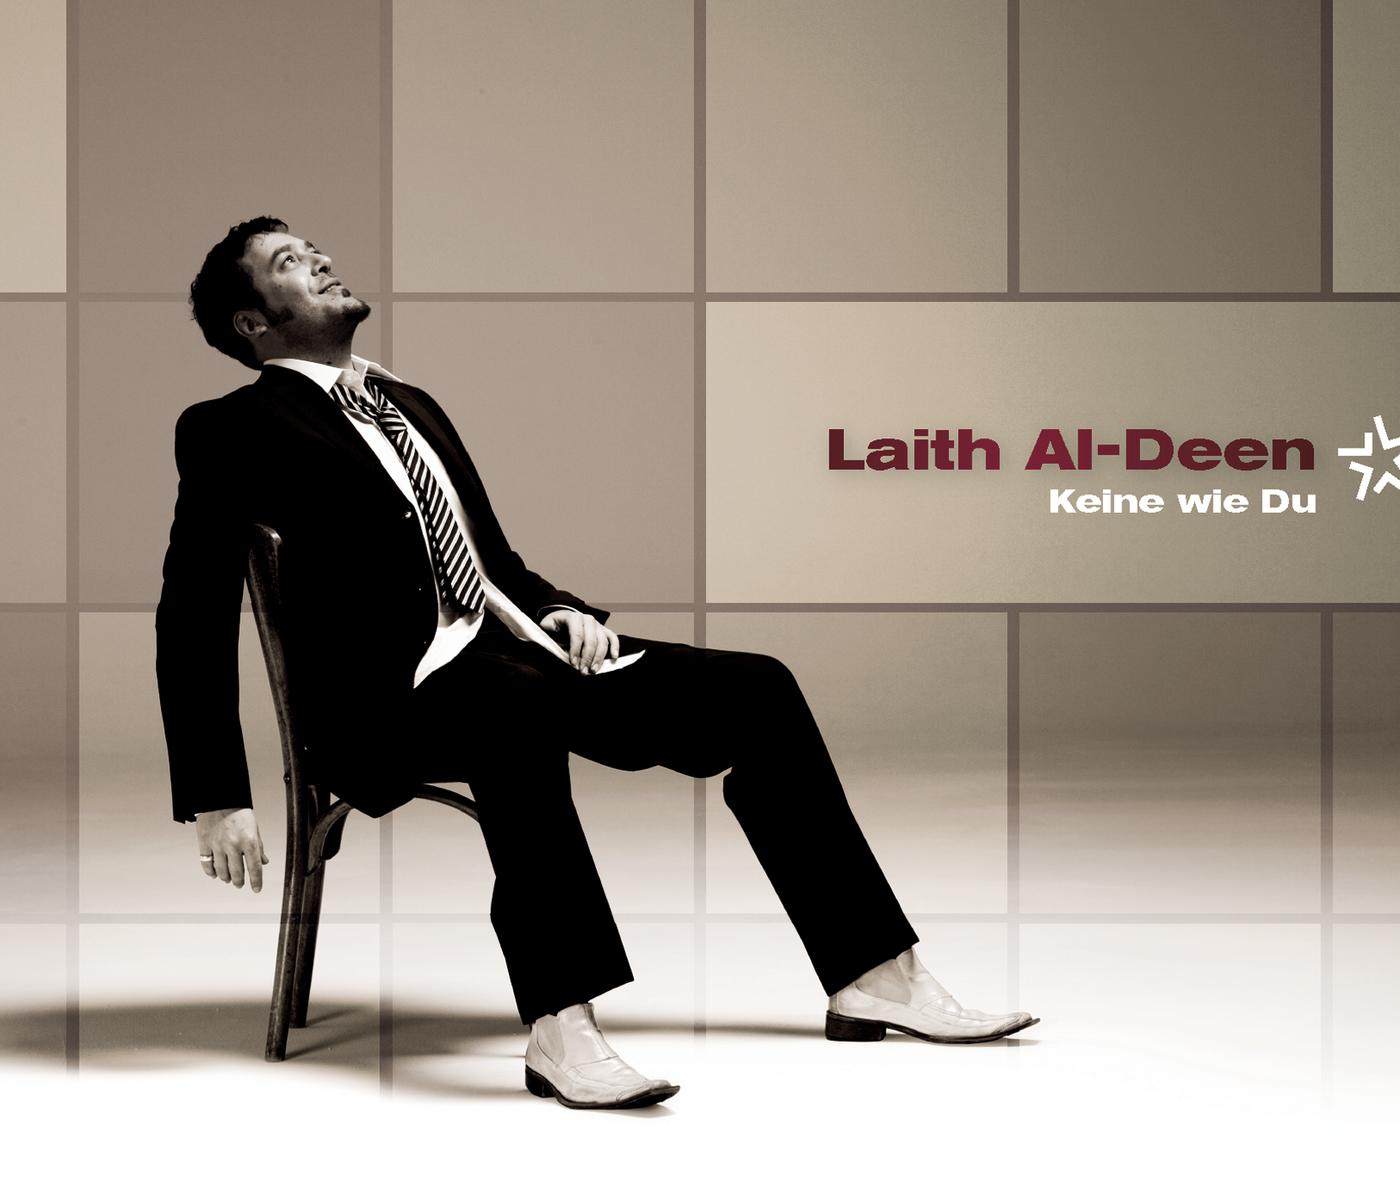 Keine wie du - Laith Al-Deen